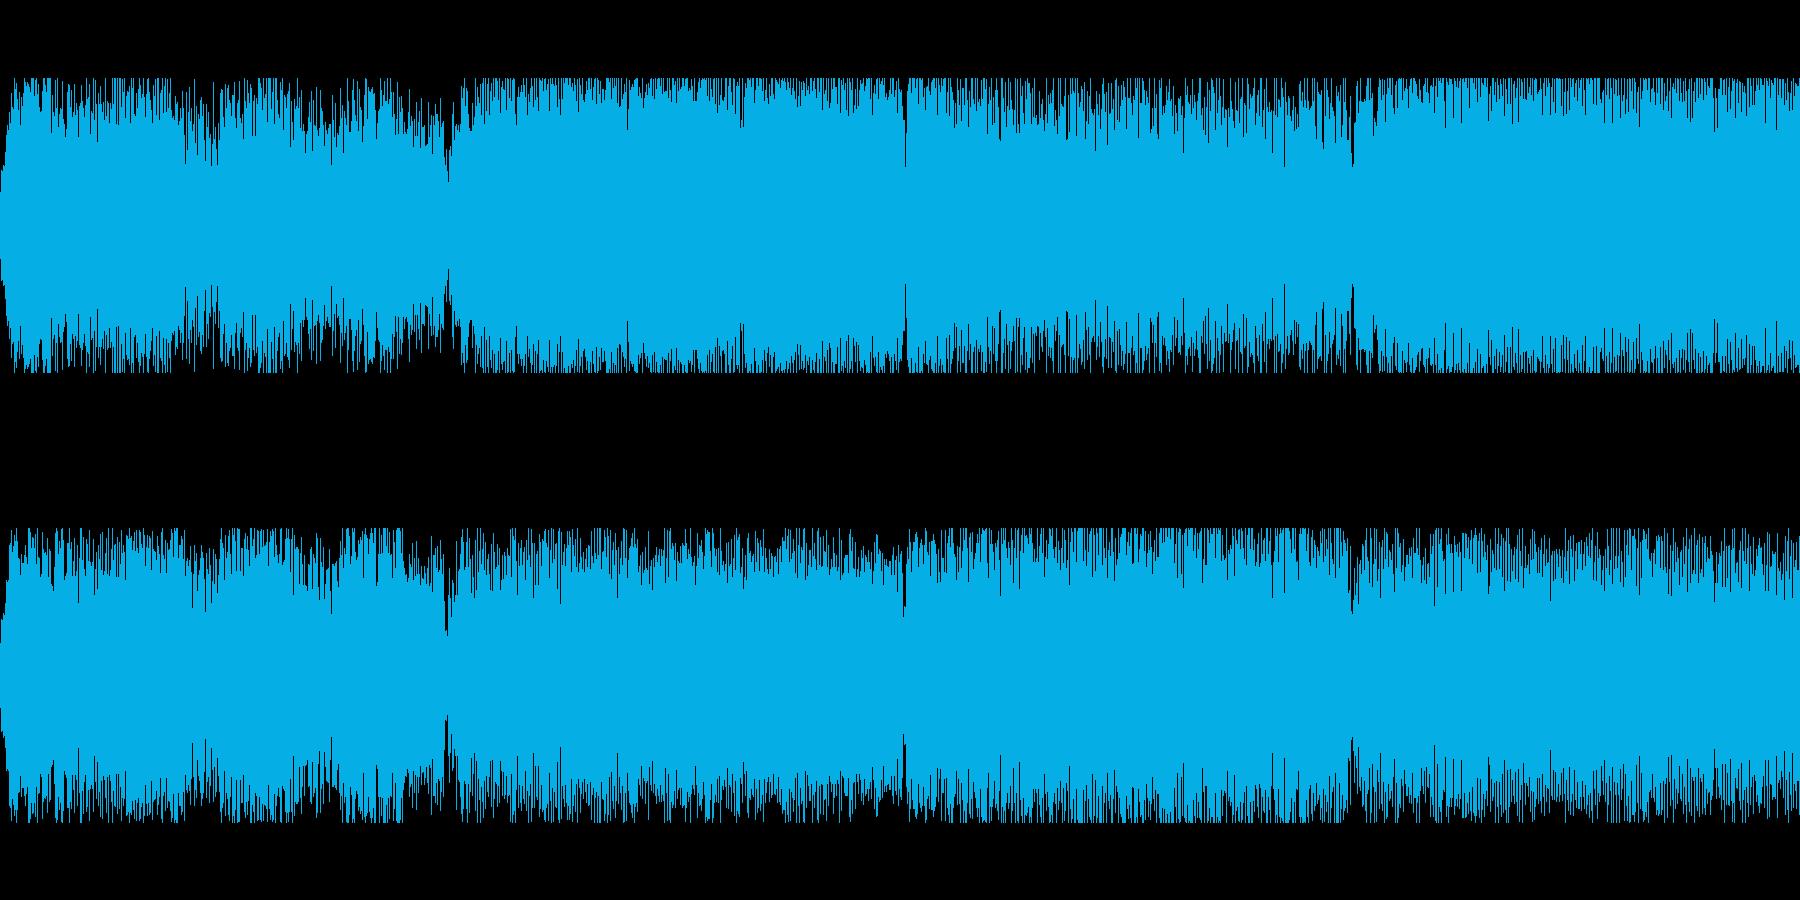 サスペンス、ミステリー、不安ループverの再生済みの波形